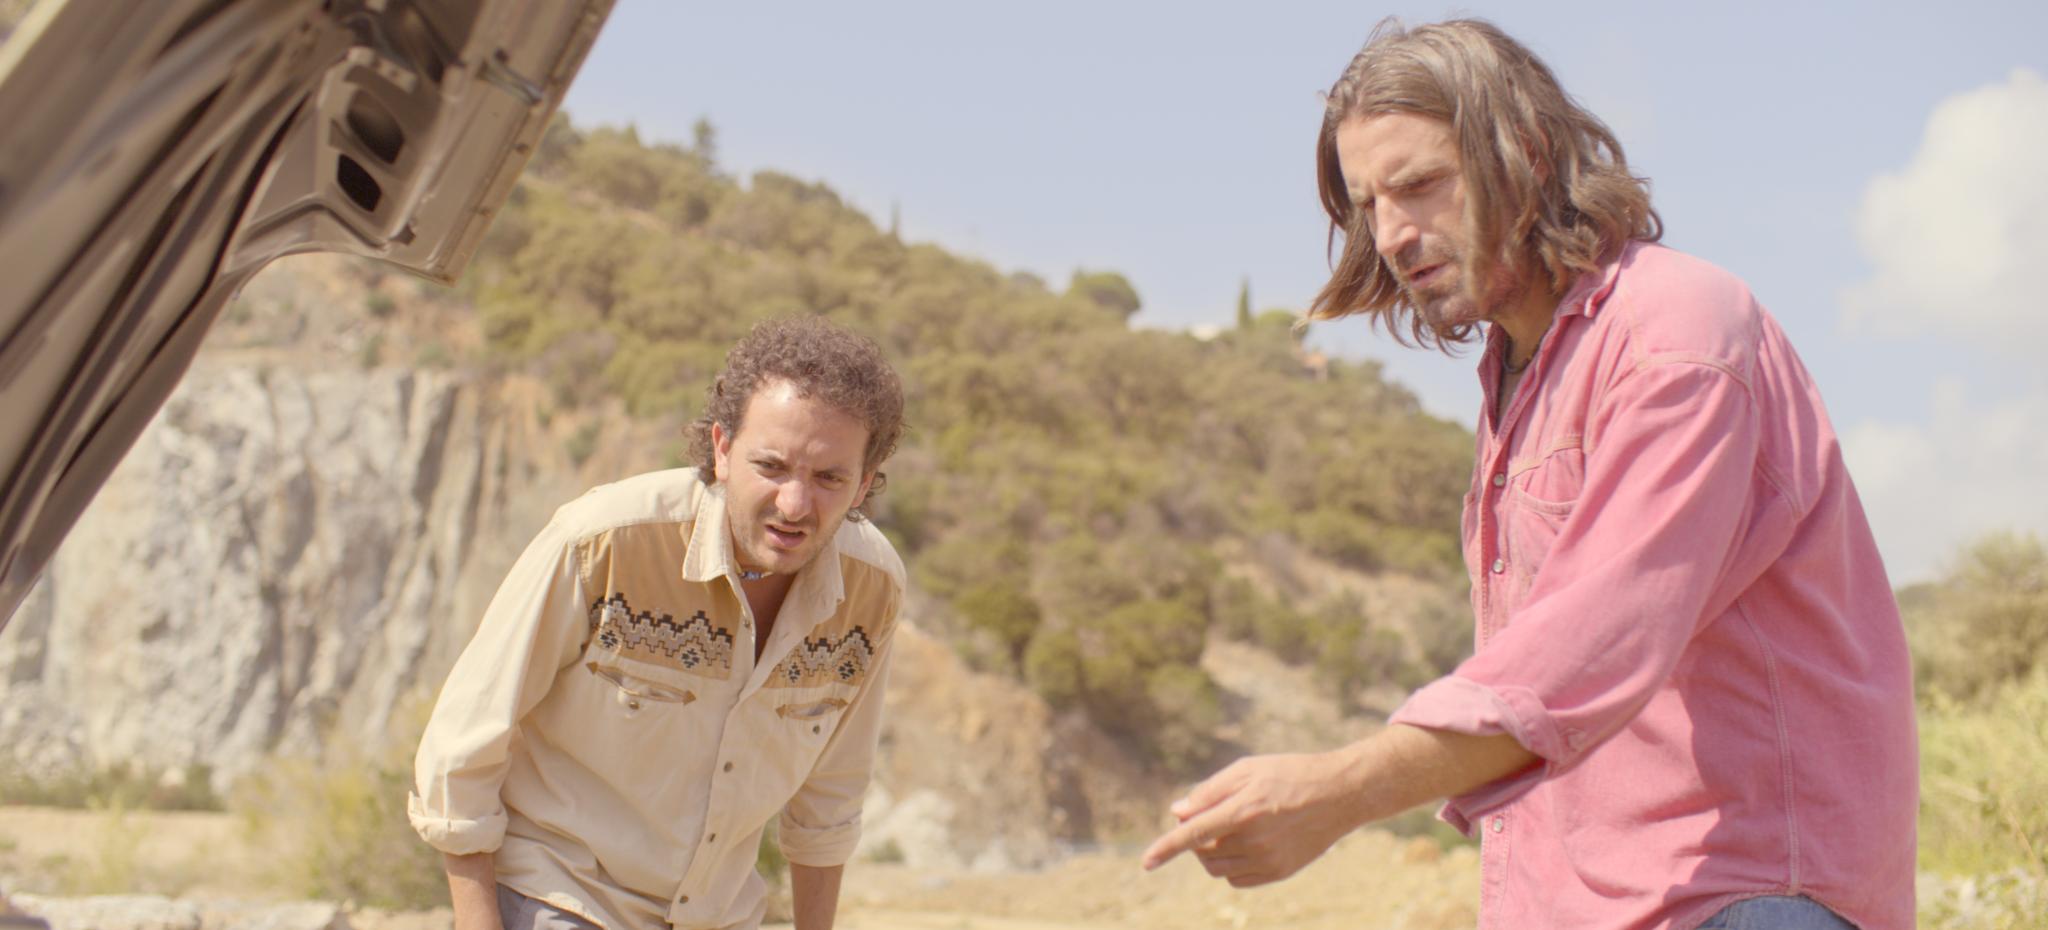 David Marsais and Grgoire Ludig in Mandibules